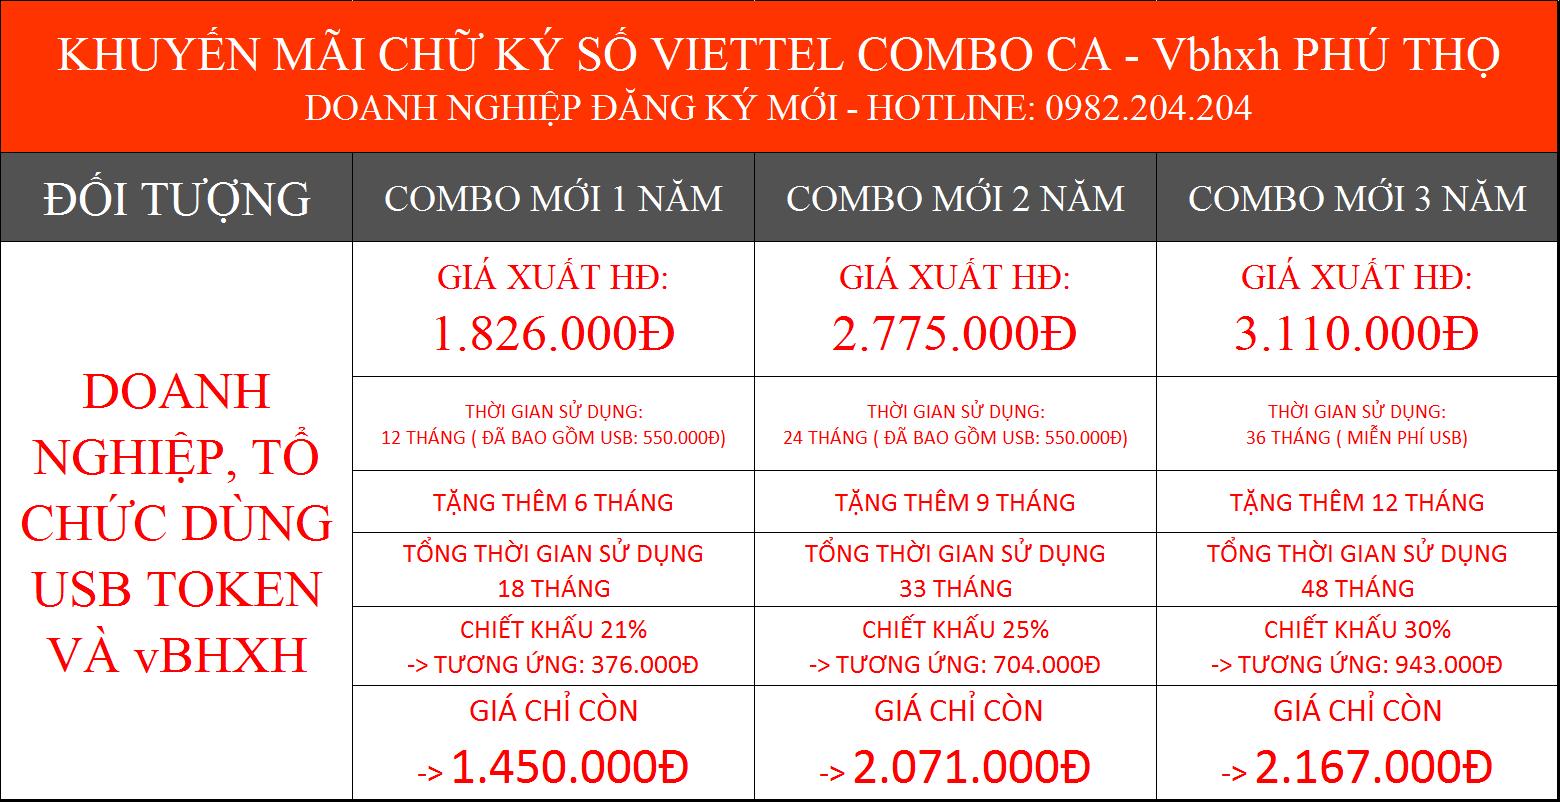 Bảng giá chữ ký số Viettel Phú Thọ combo kèm vBHXH